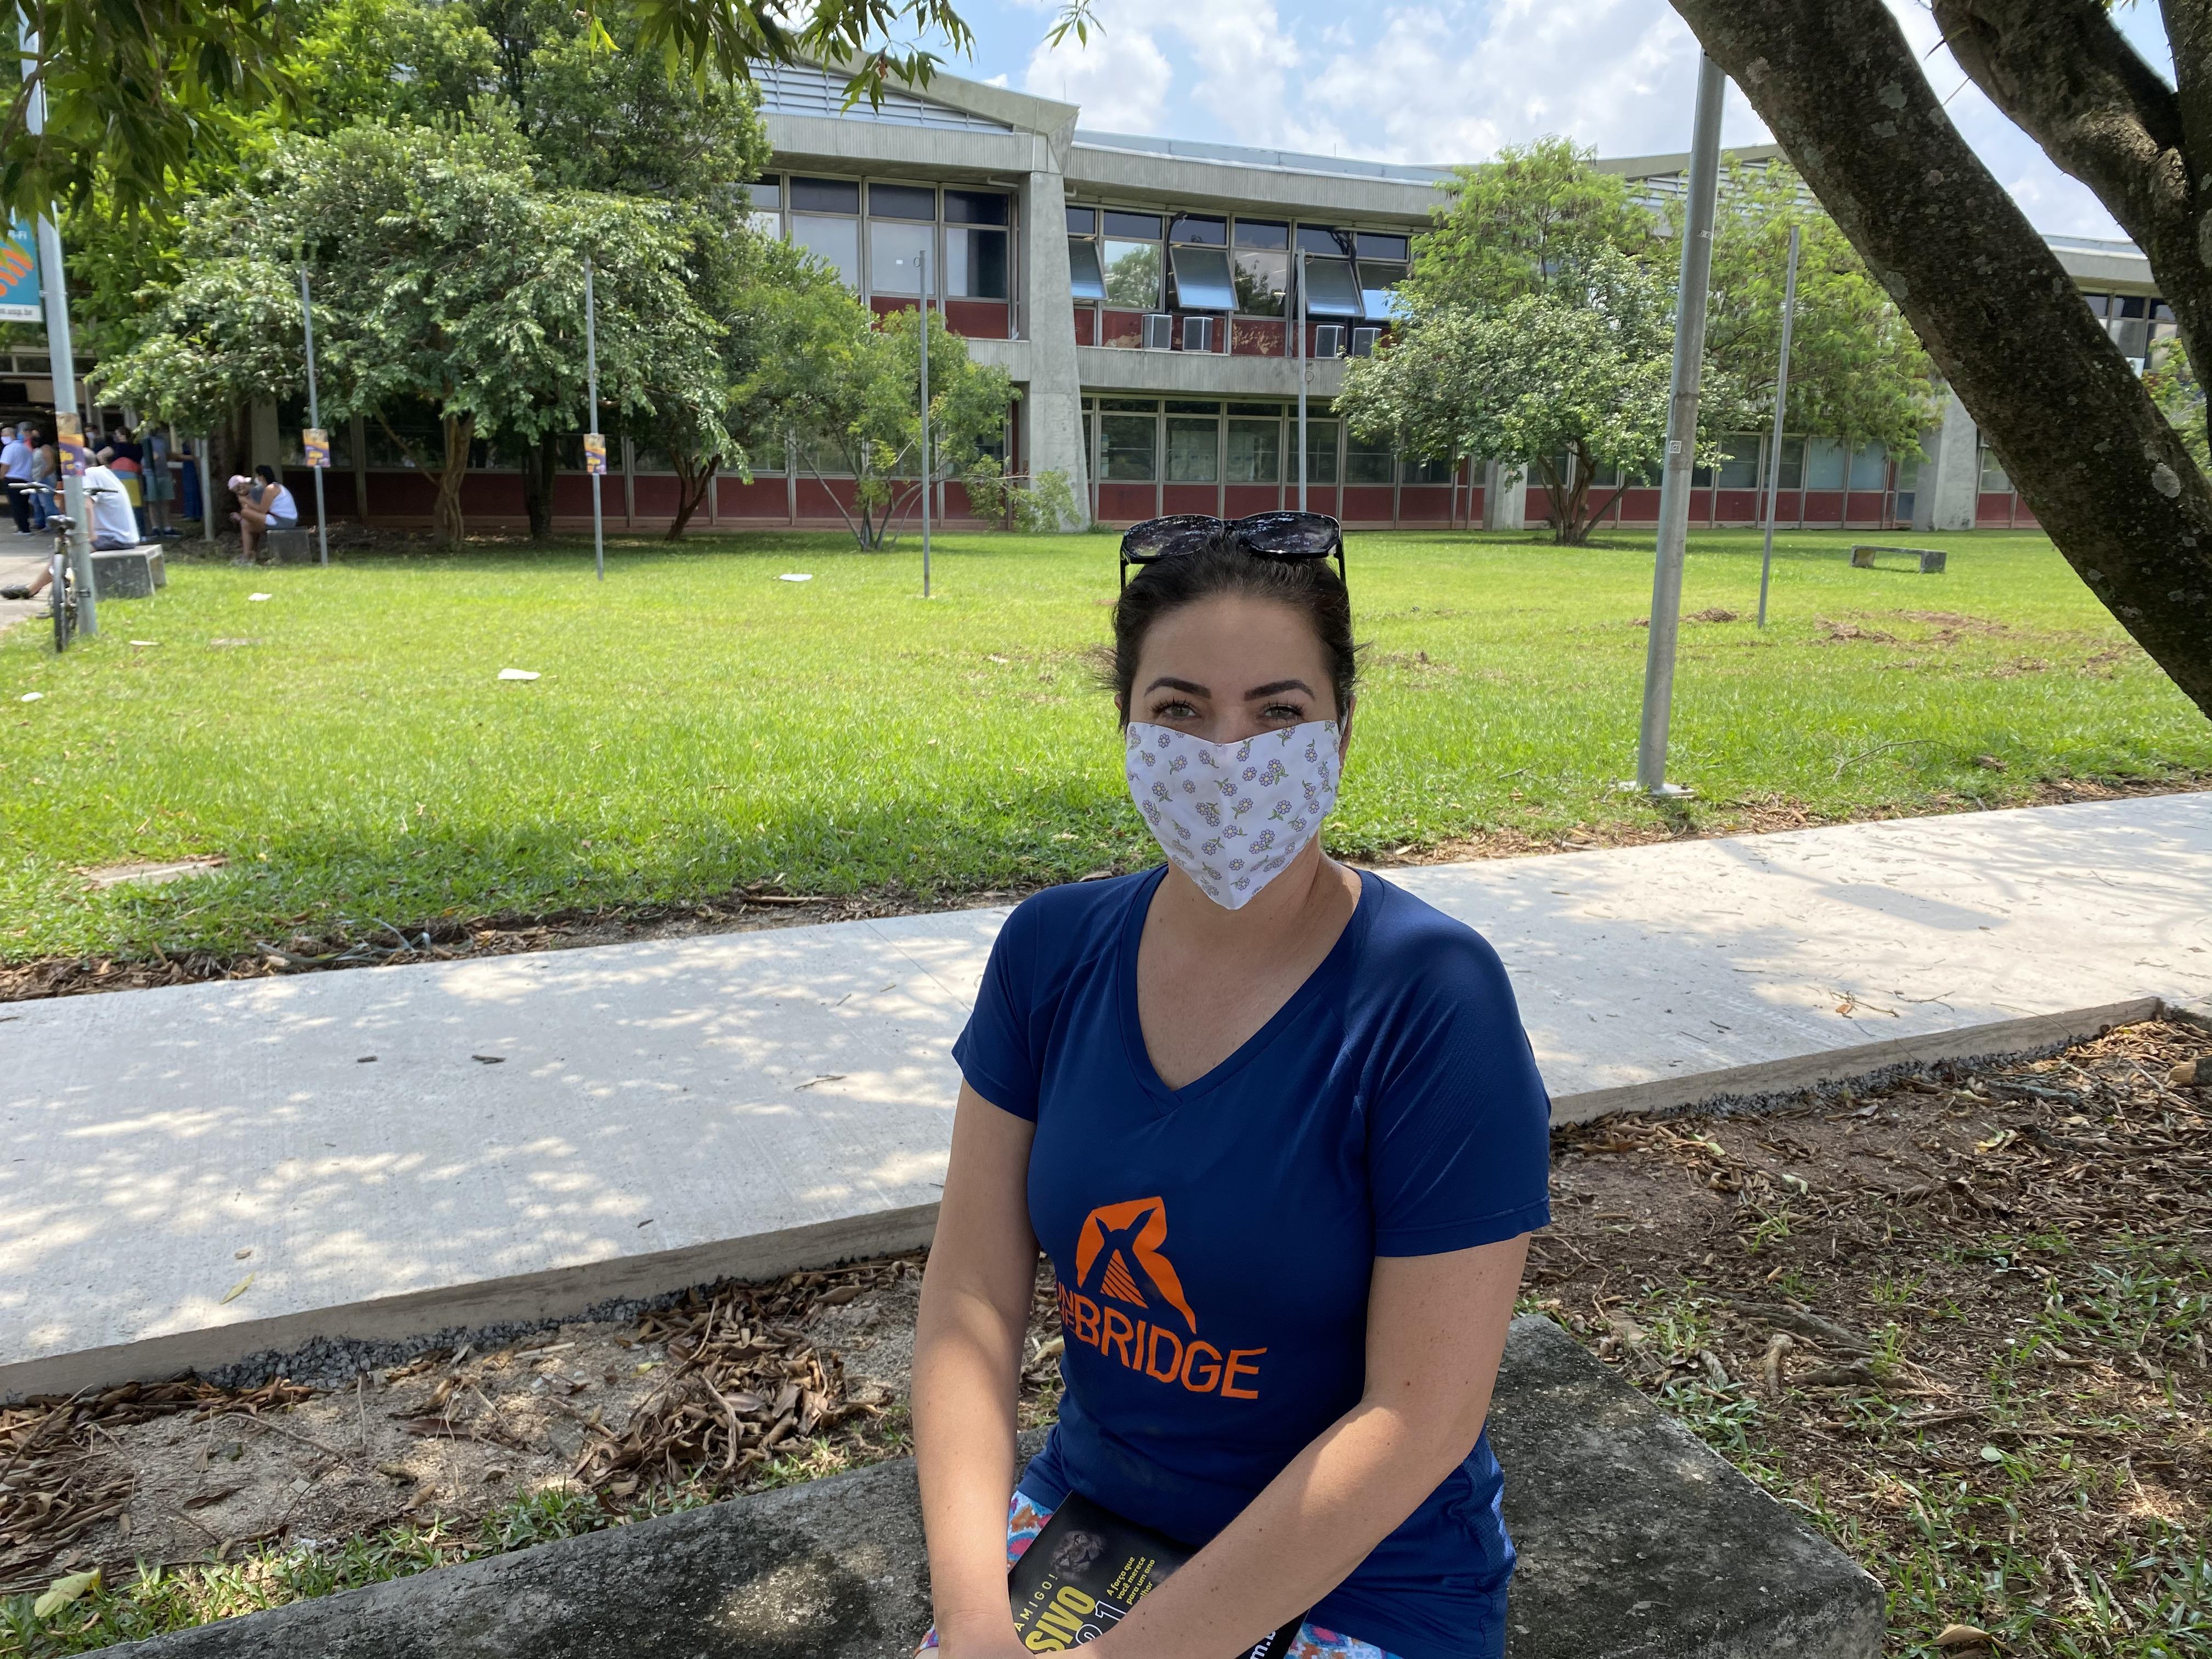 Daniela está sentada em um banco ao lado da entrada do local de prova. De máscara, ela se abriga do sol debaixo de uma árvore.